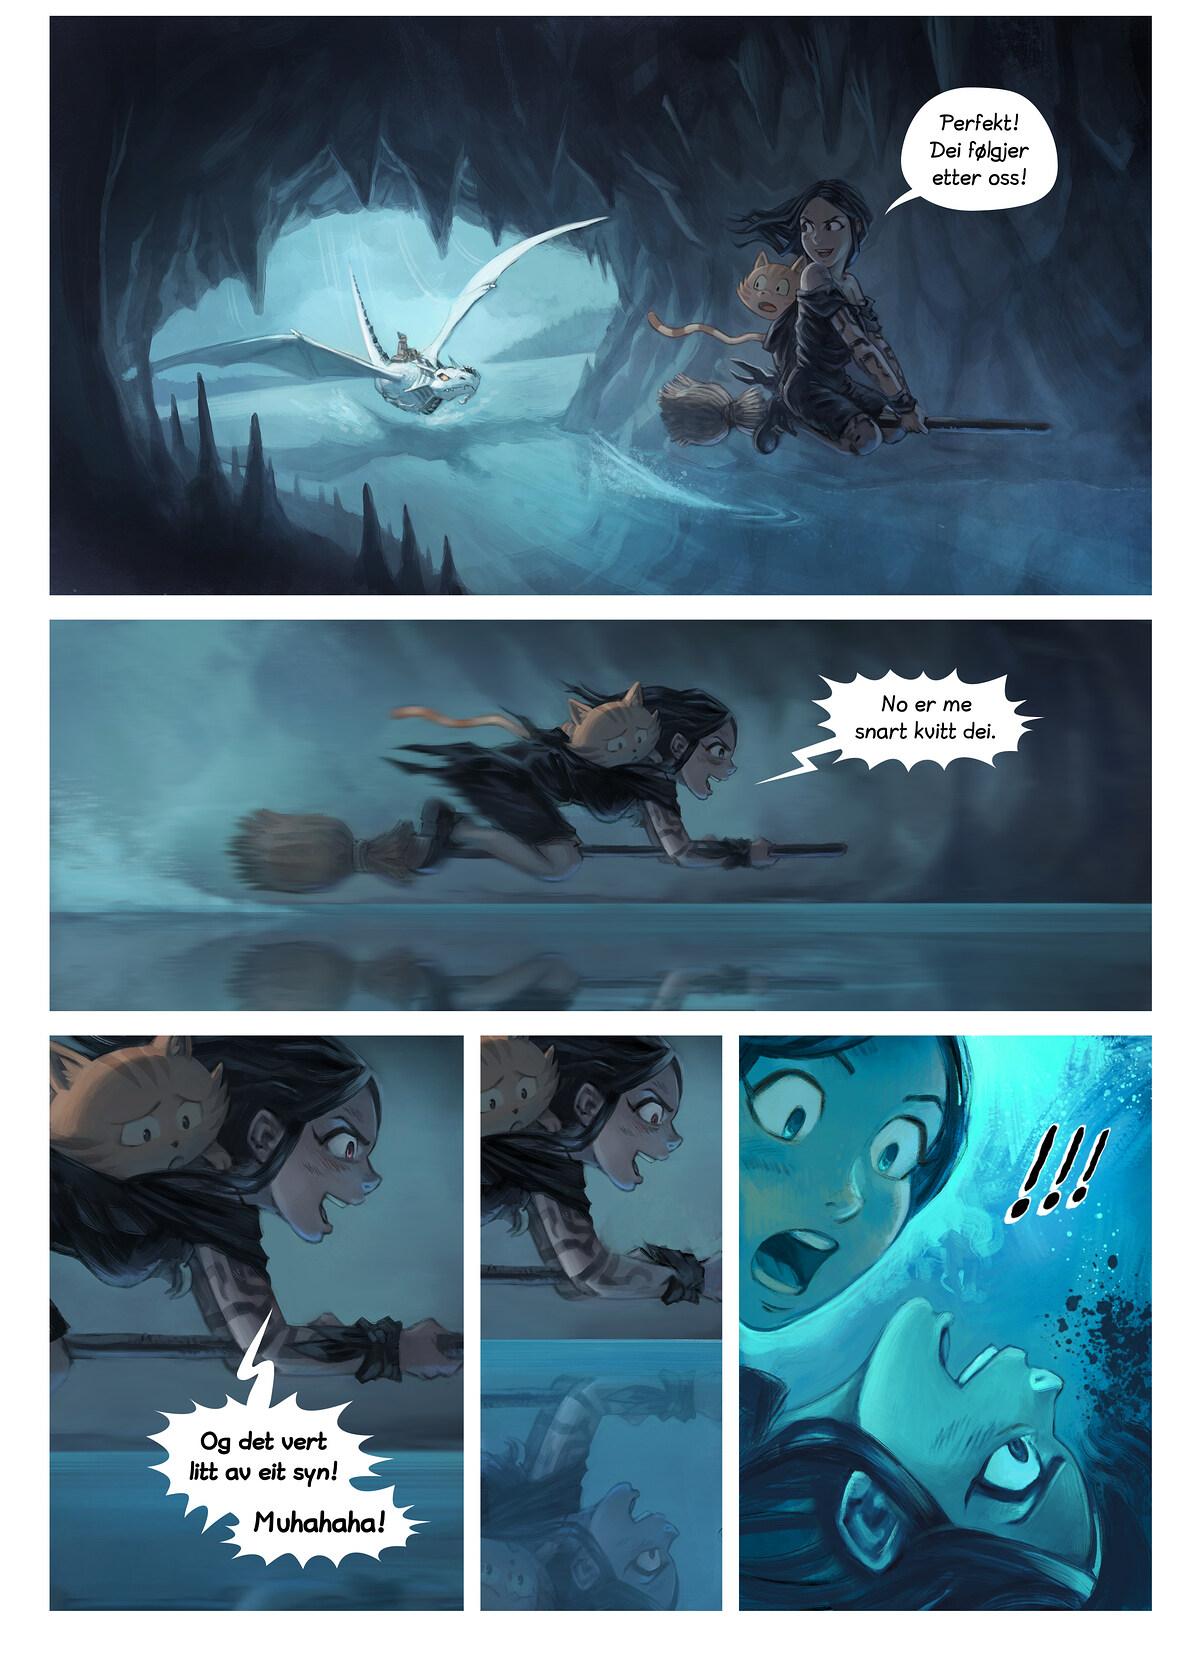 Episode 35: Refleksjonen, Side 7